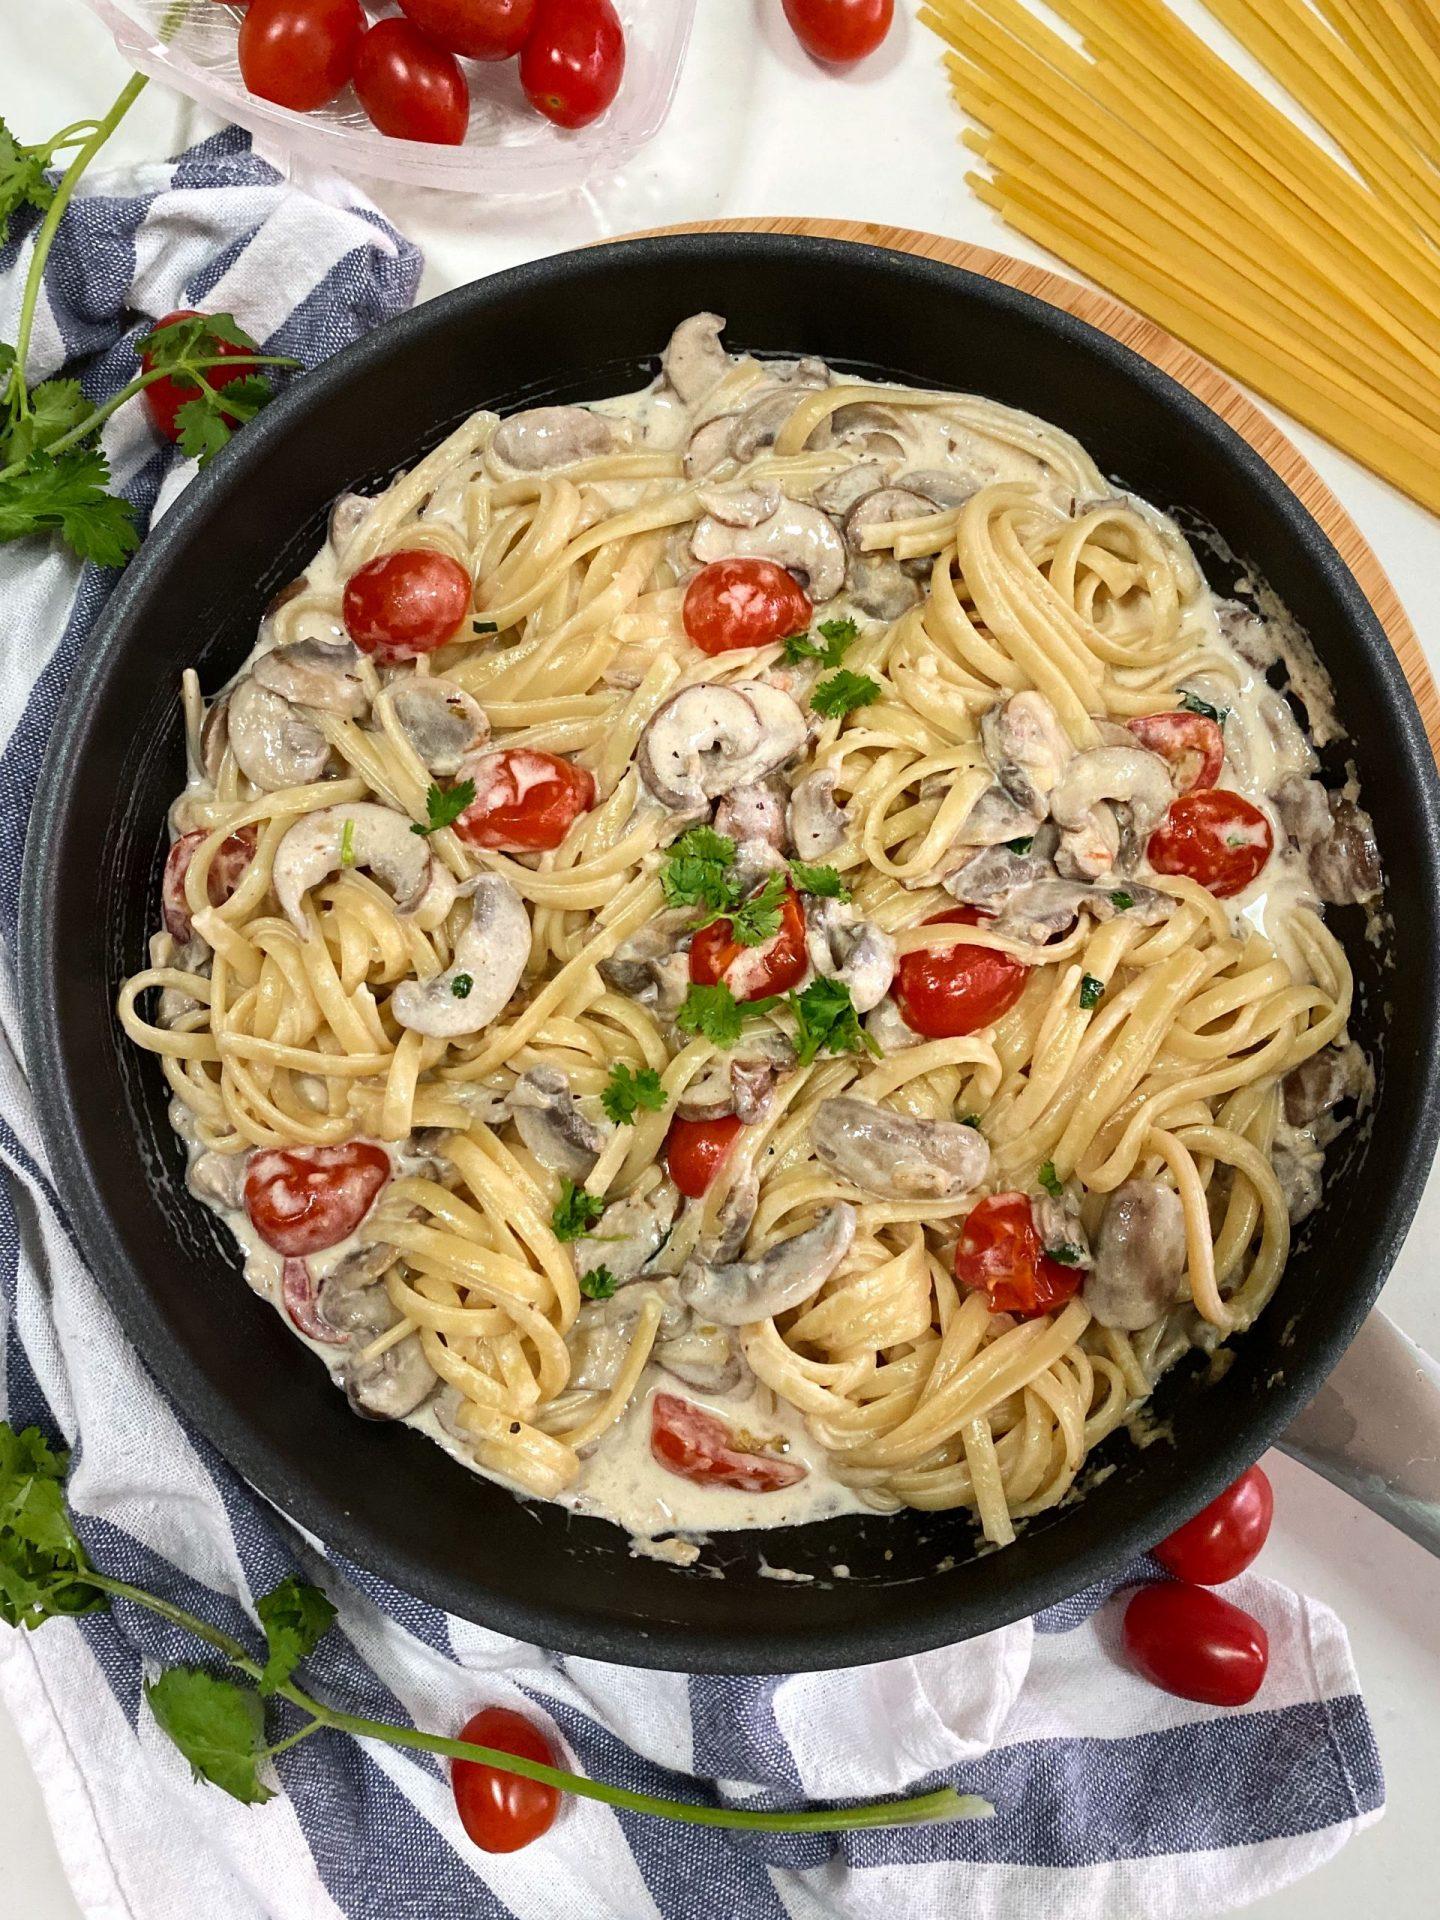 Cream based Pasta